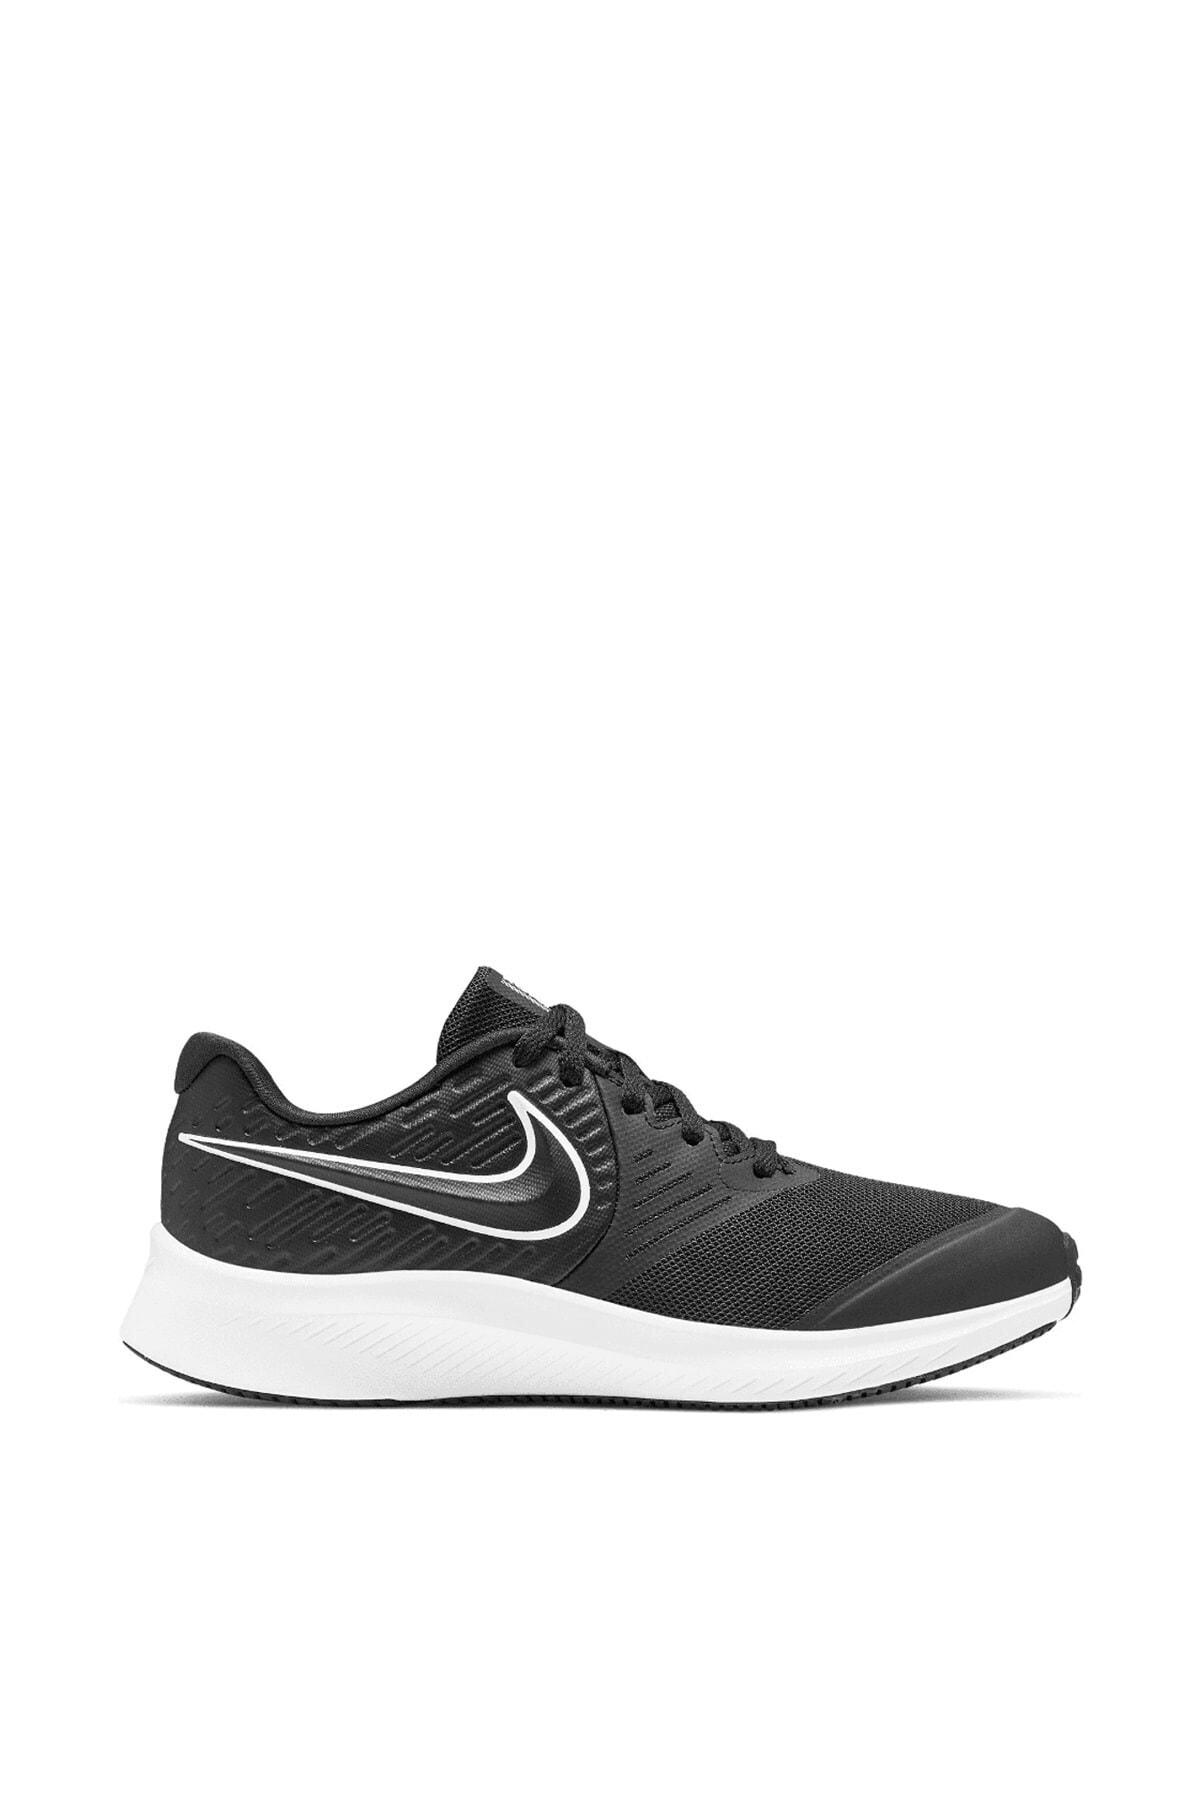 Nike Star Runner 2 Kadın Siyah Spor Ayakkabı Aq3542-001 1